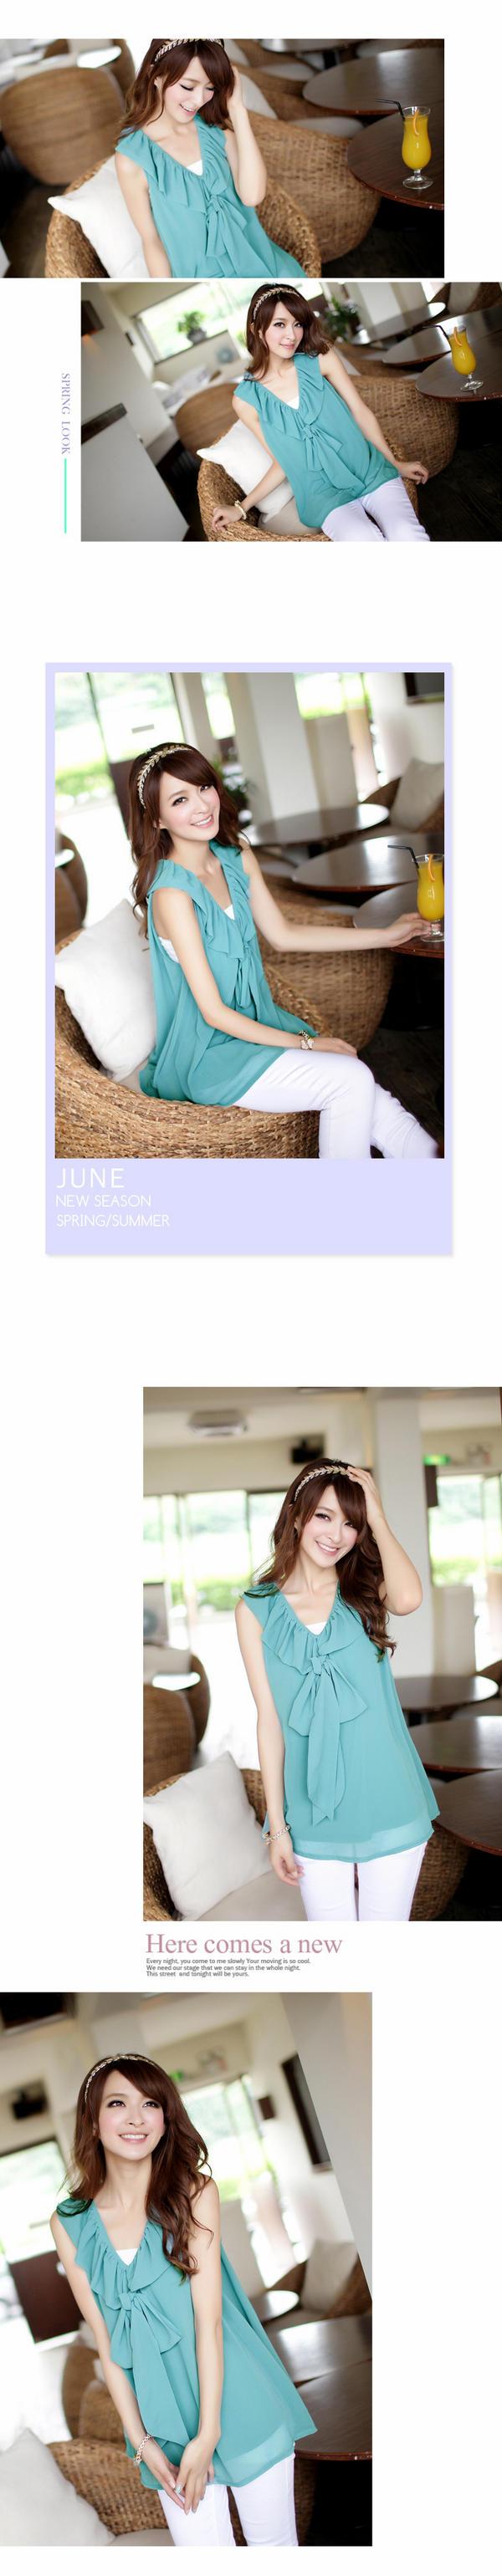 YESSTYLE: Tokyo Fashion- Sleeveless Ruffled Chiffon Top (Blue Green - One Size)